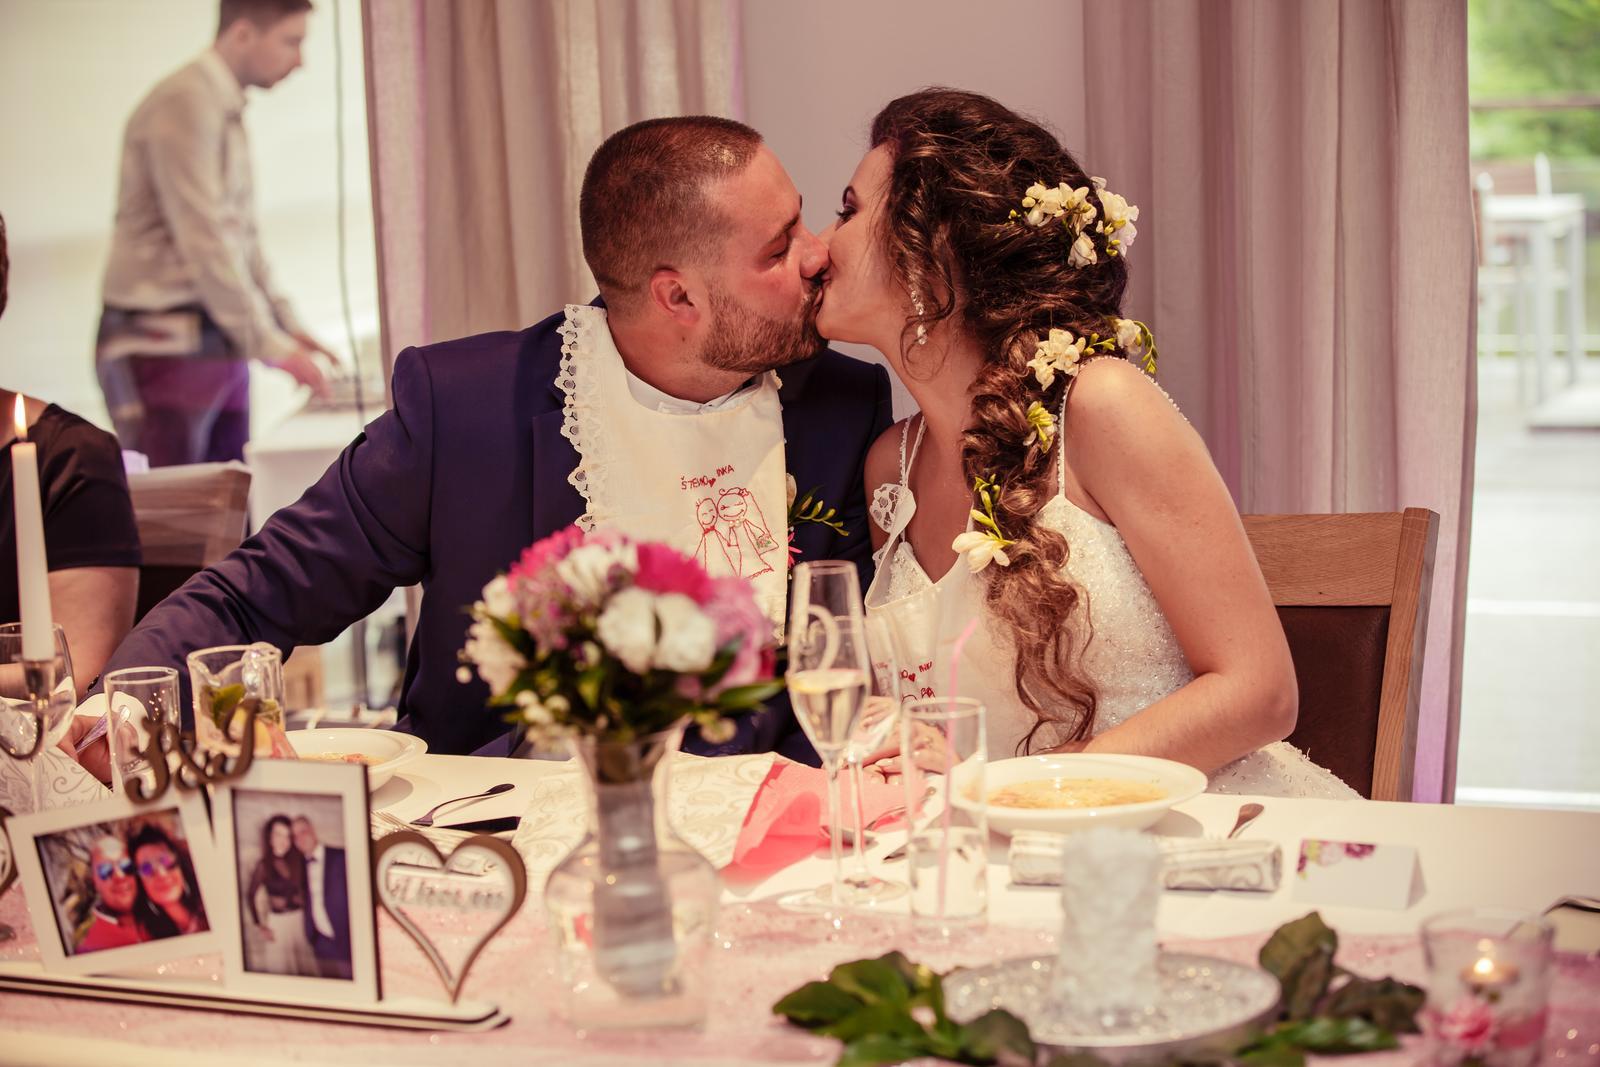 Naša svadba 1.7.2017 - Obrázok č. 1